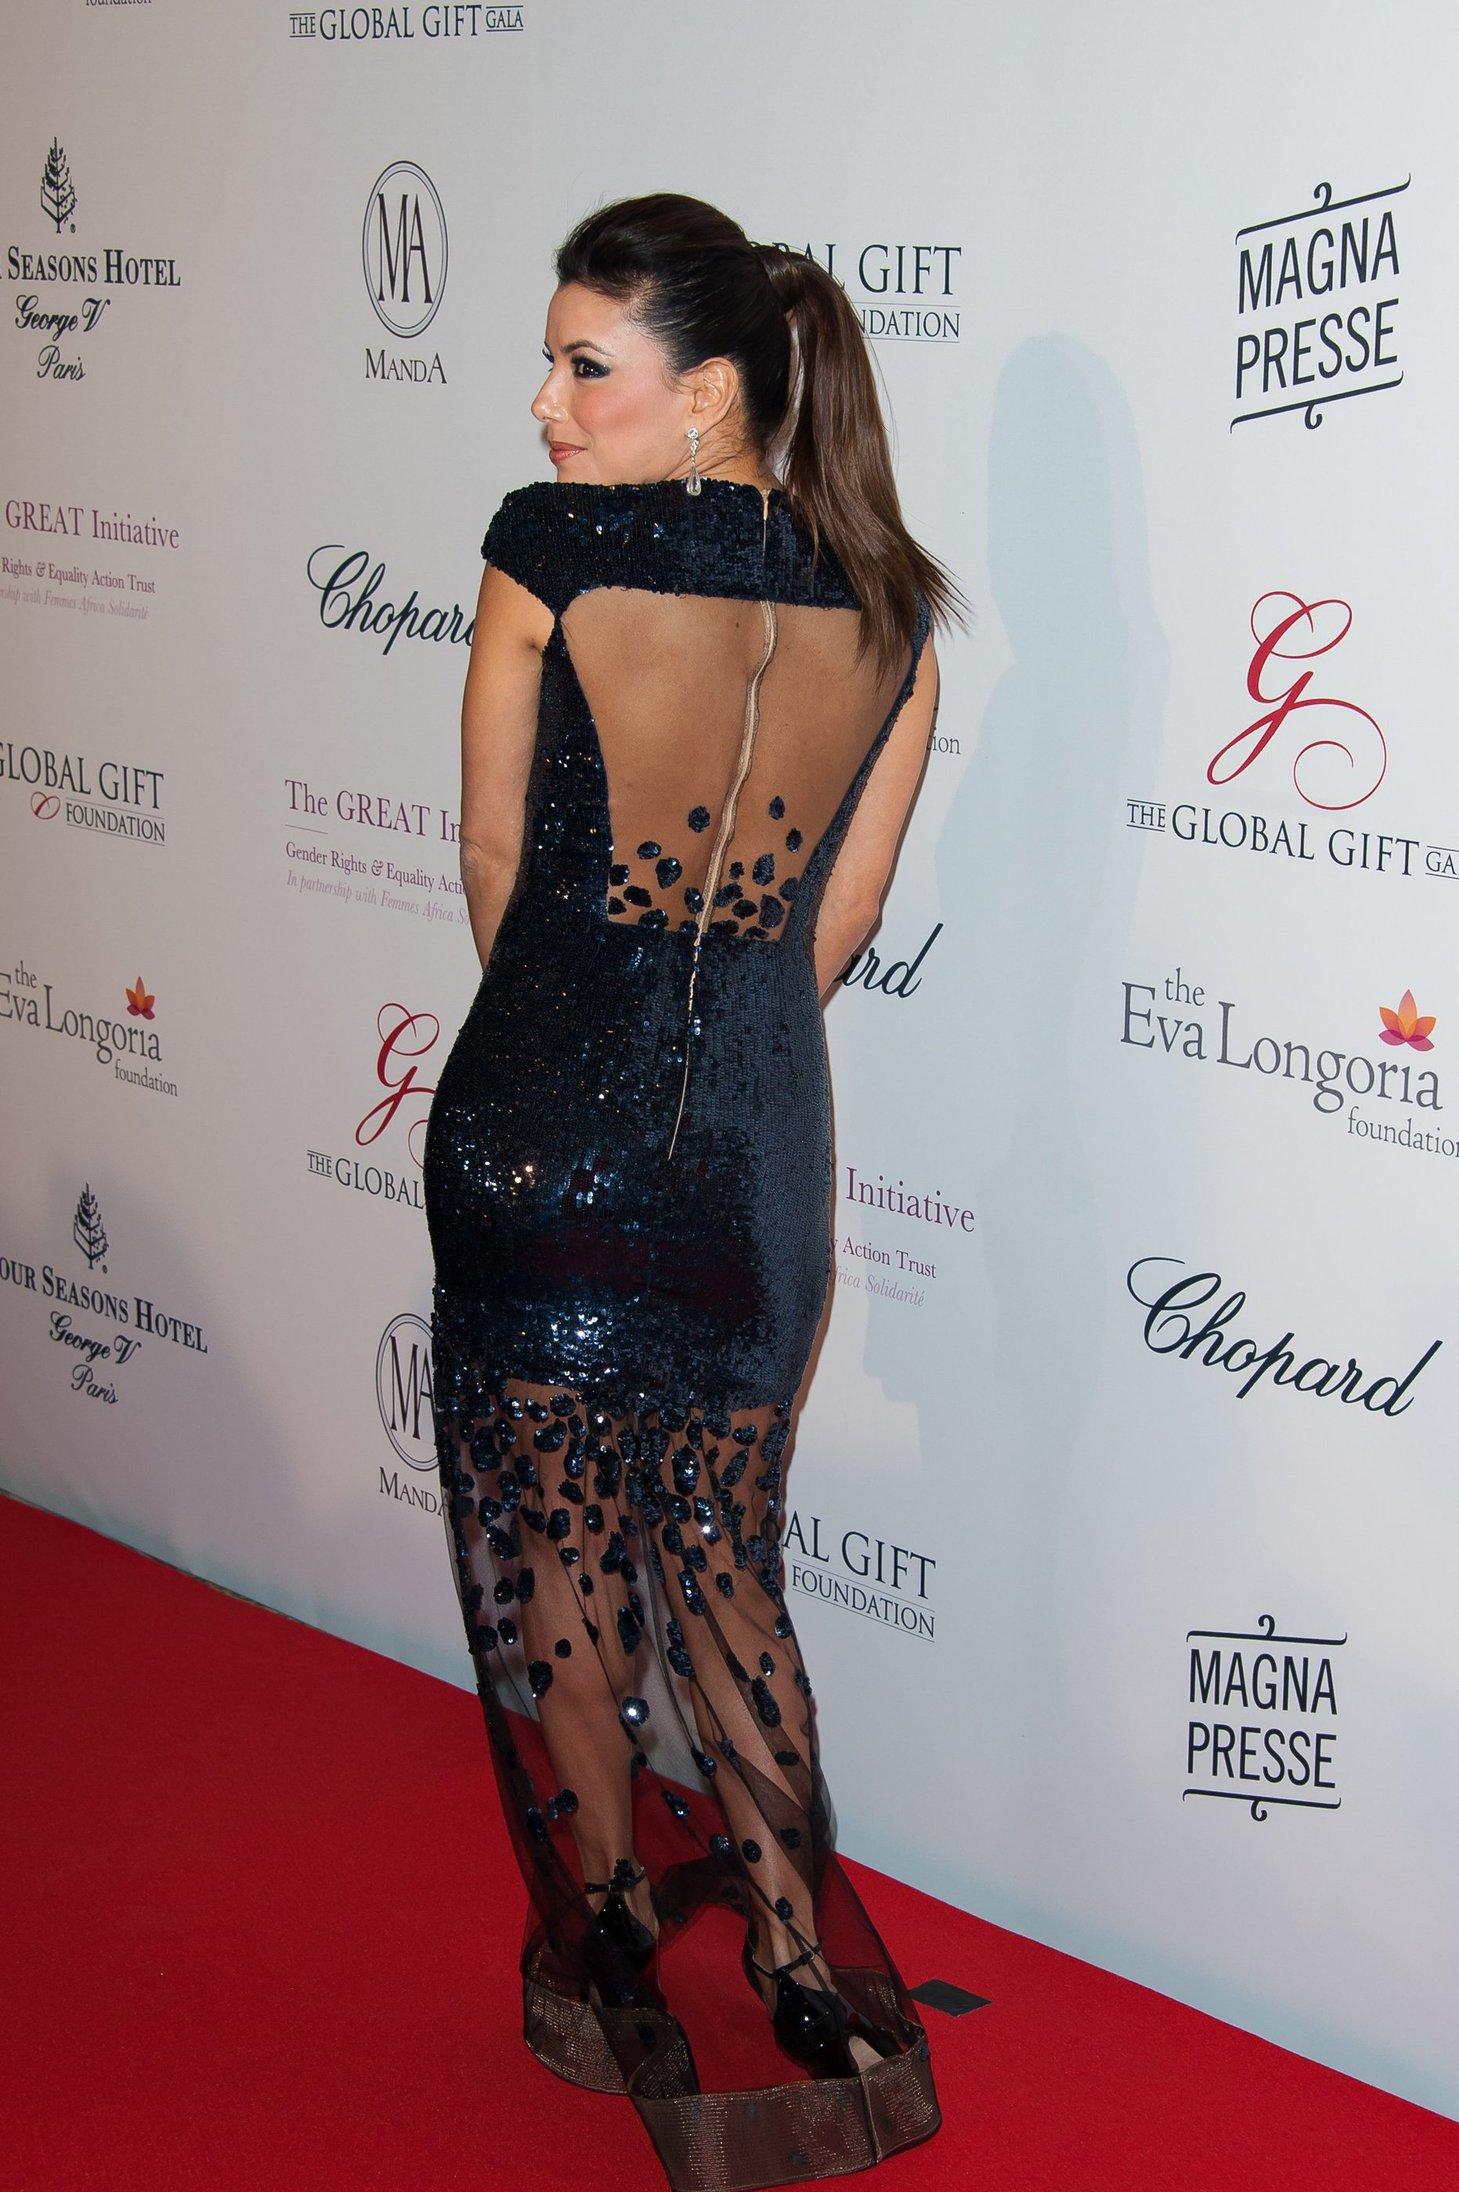 Eva Longoria 2013 Global Gift Gala in Paris 5/13/13